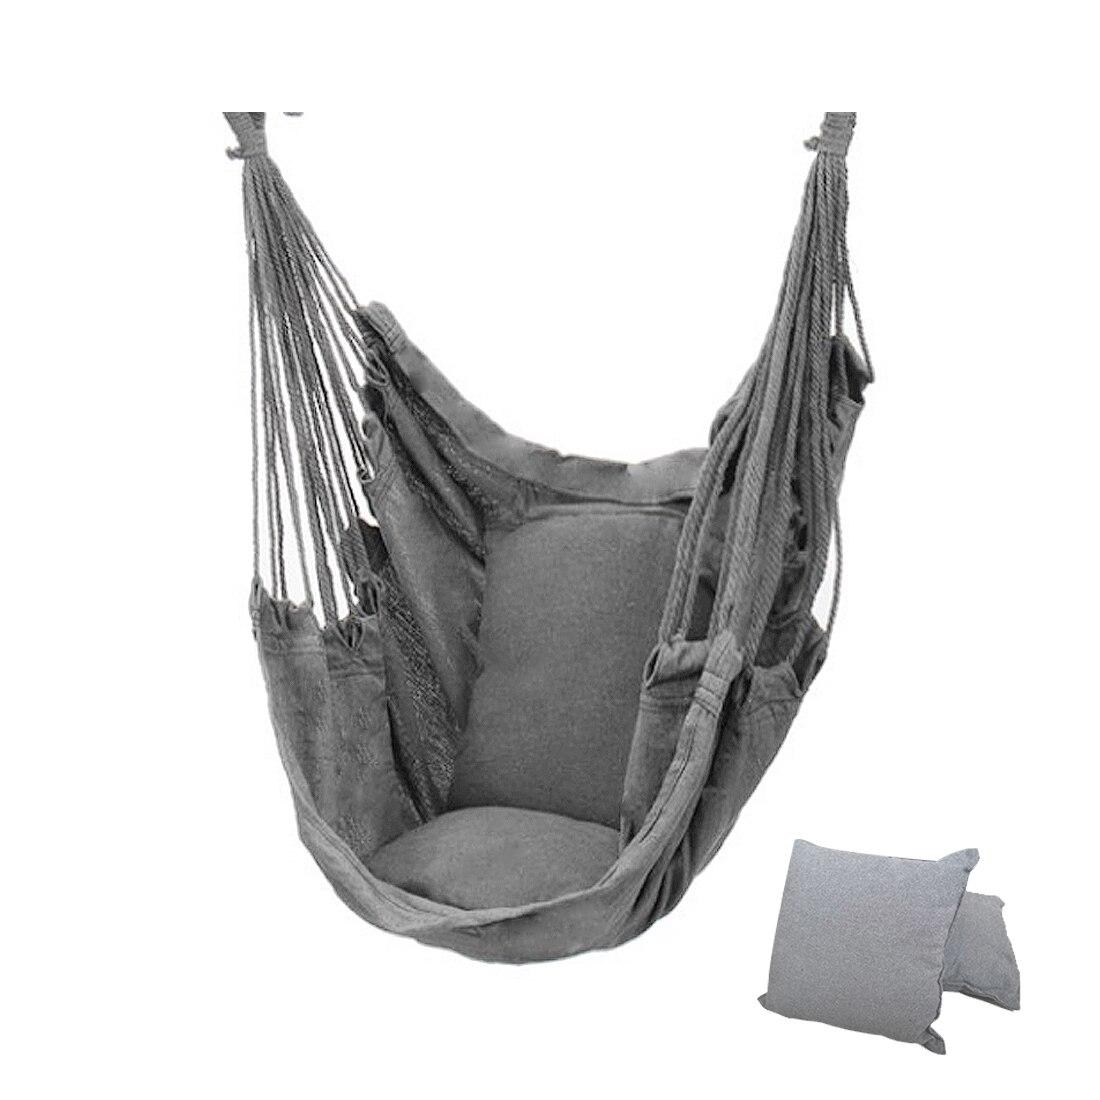 Уличный гамак-качели, утолщенное подвесное качели-стул, портативное расслабляющее холщовое качели, для путешествий, кемпинга, без подушки